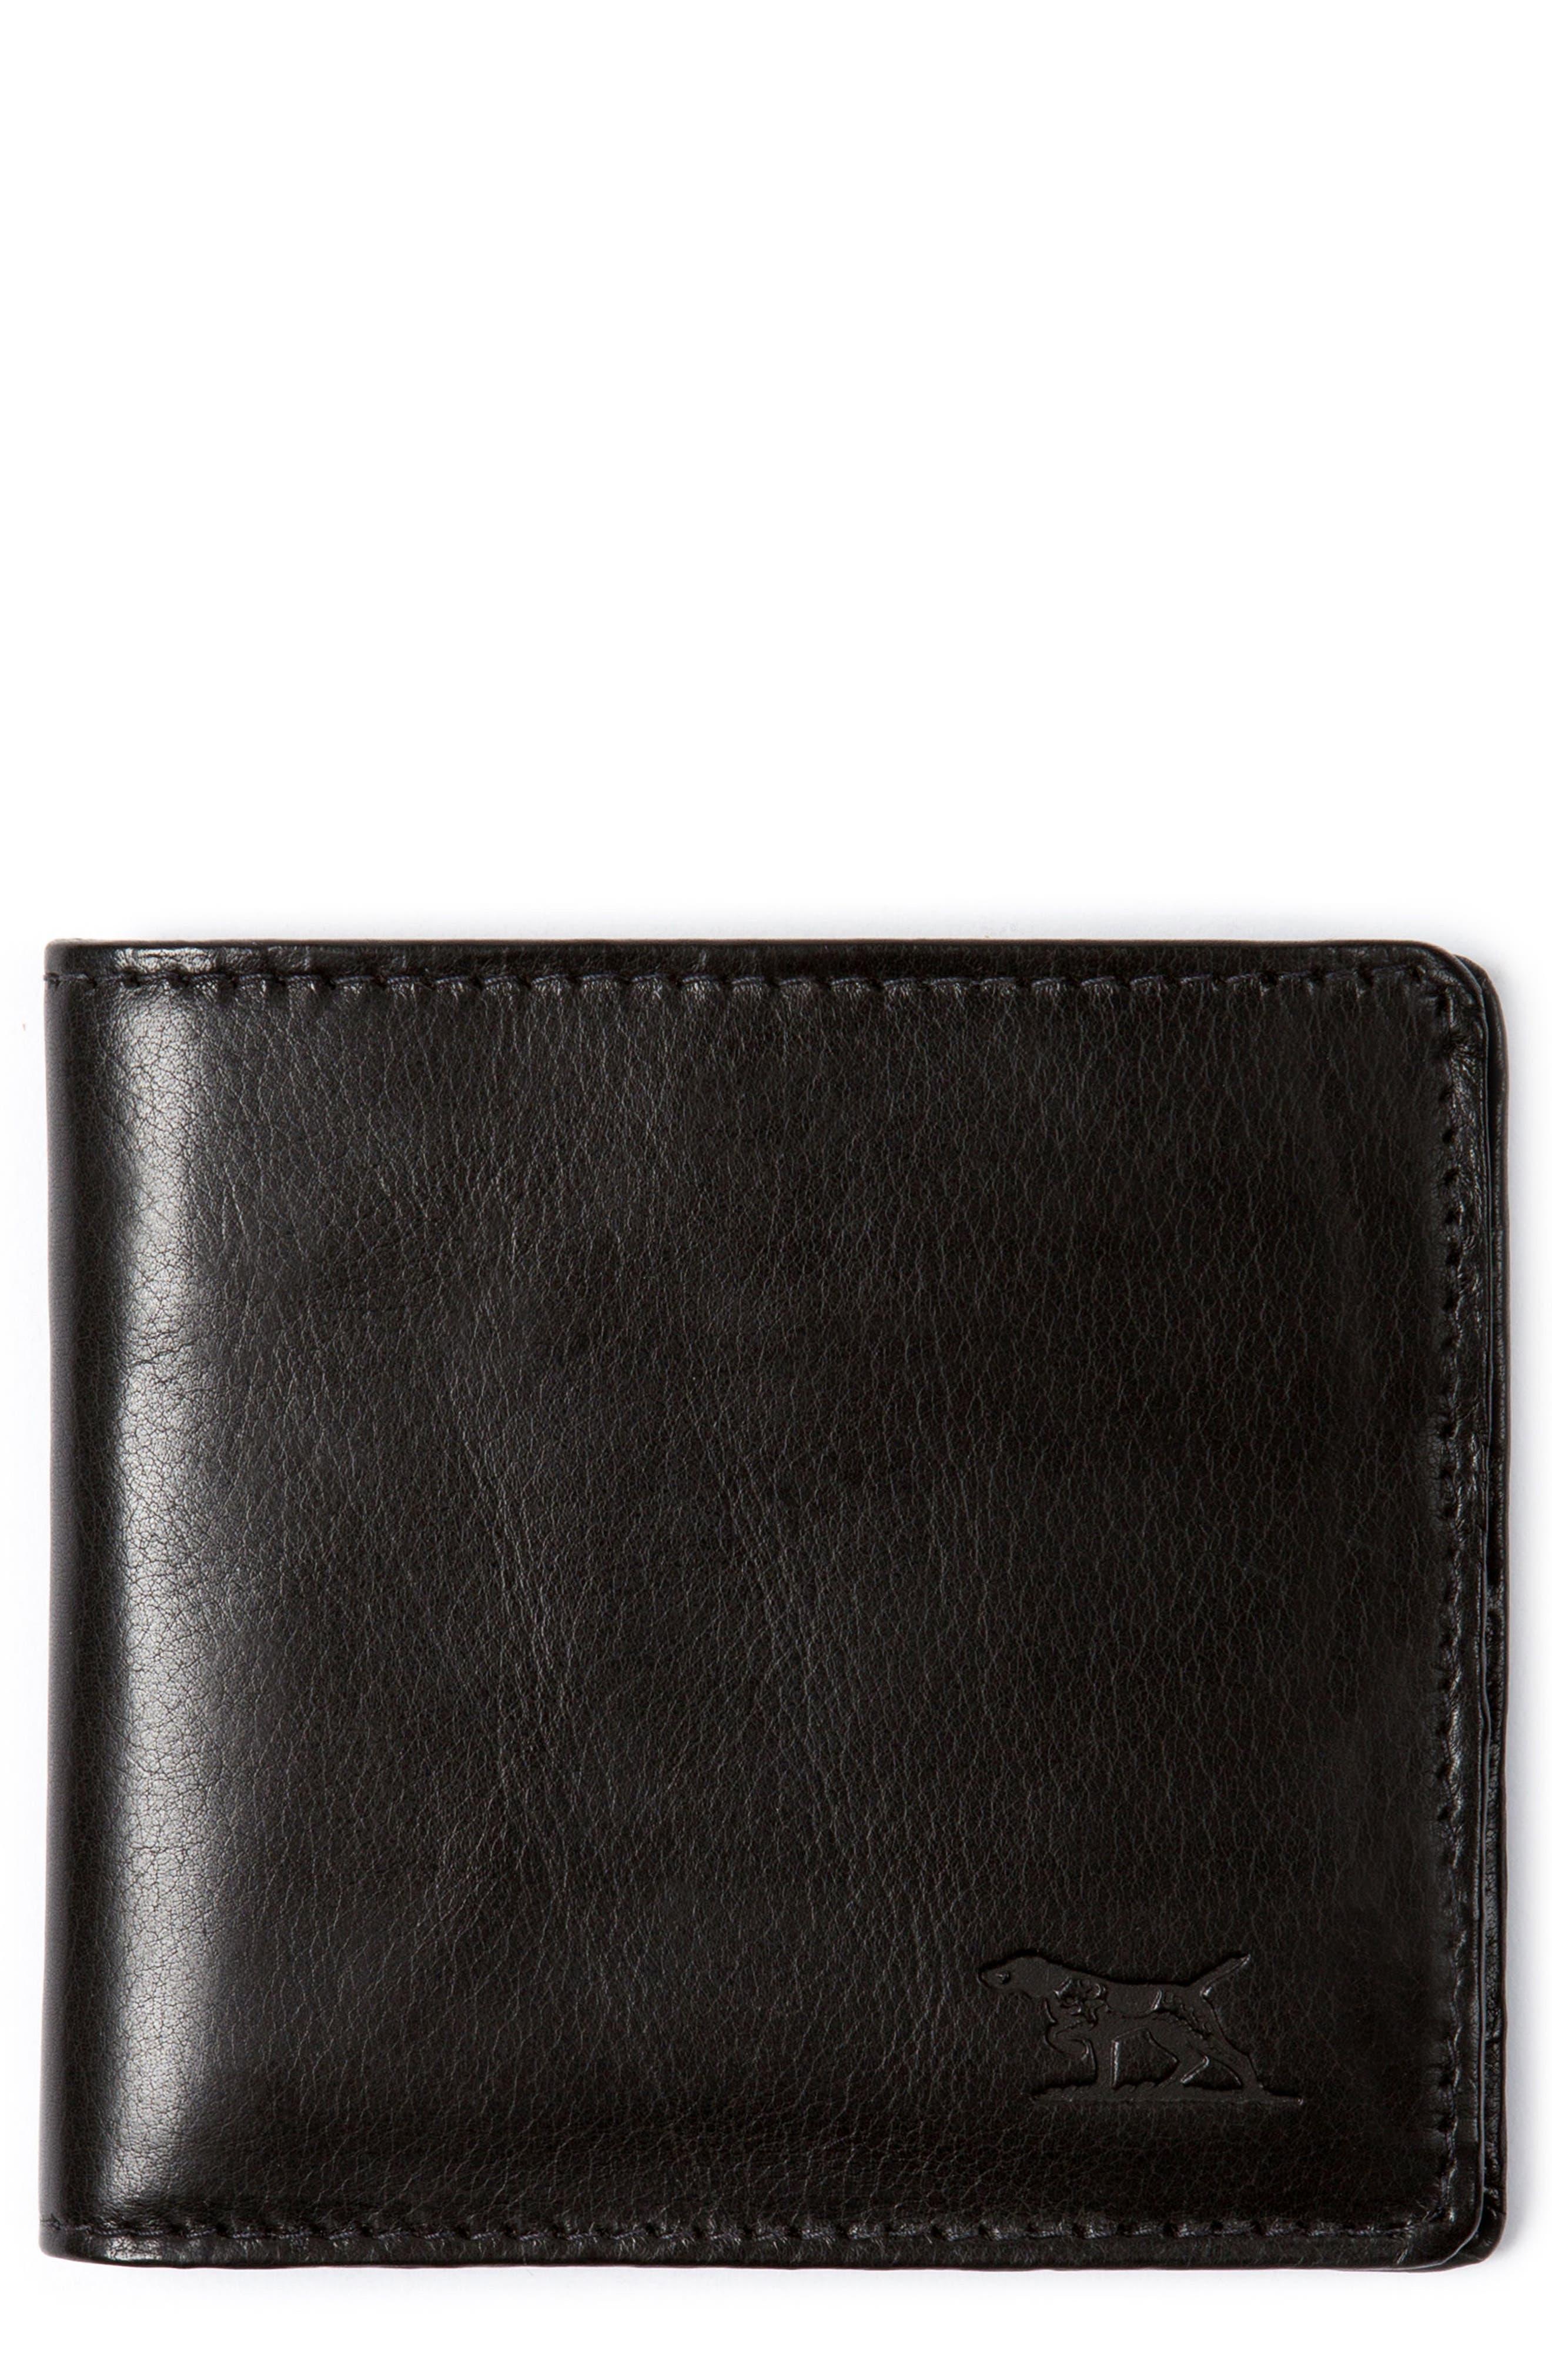 Marybank Wallet,                             Main thumbnail 1, color,                             001